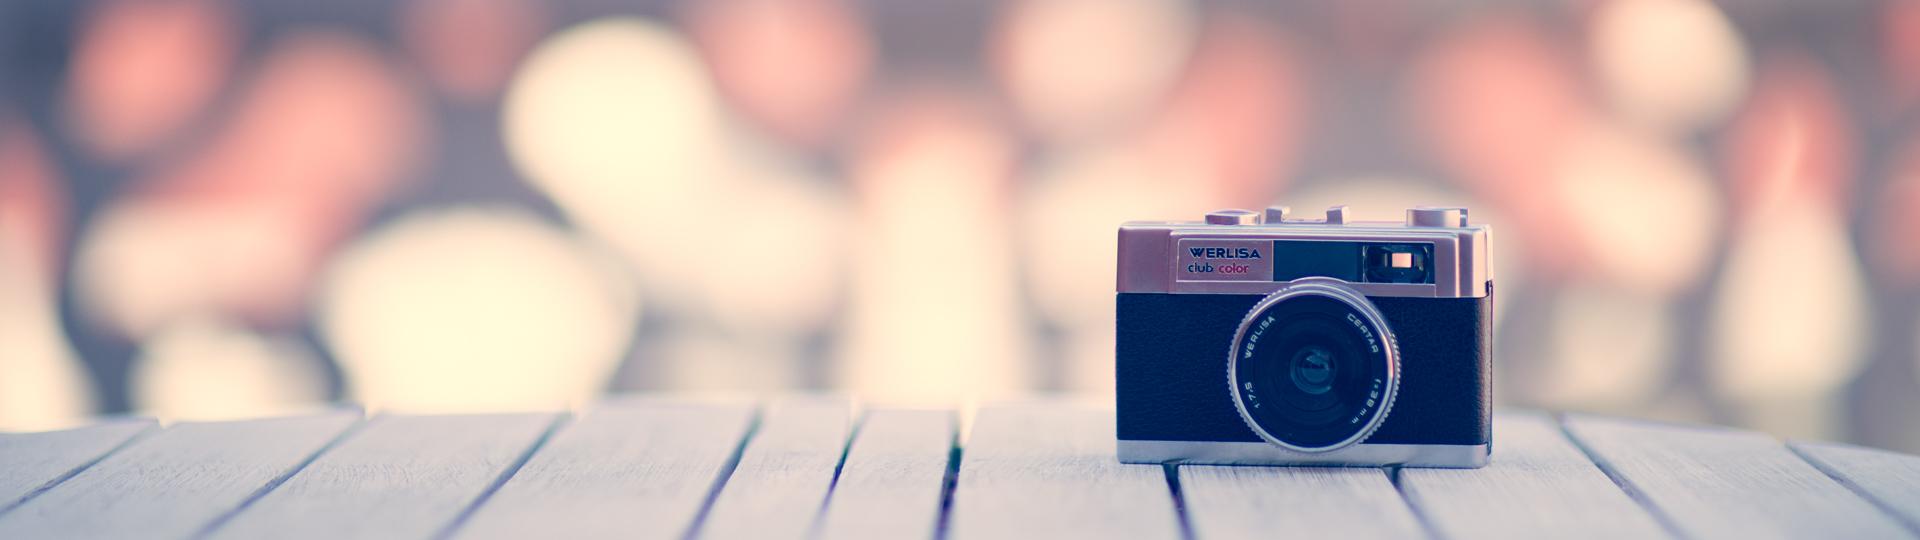 foto camara vintage werlisa color